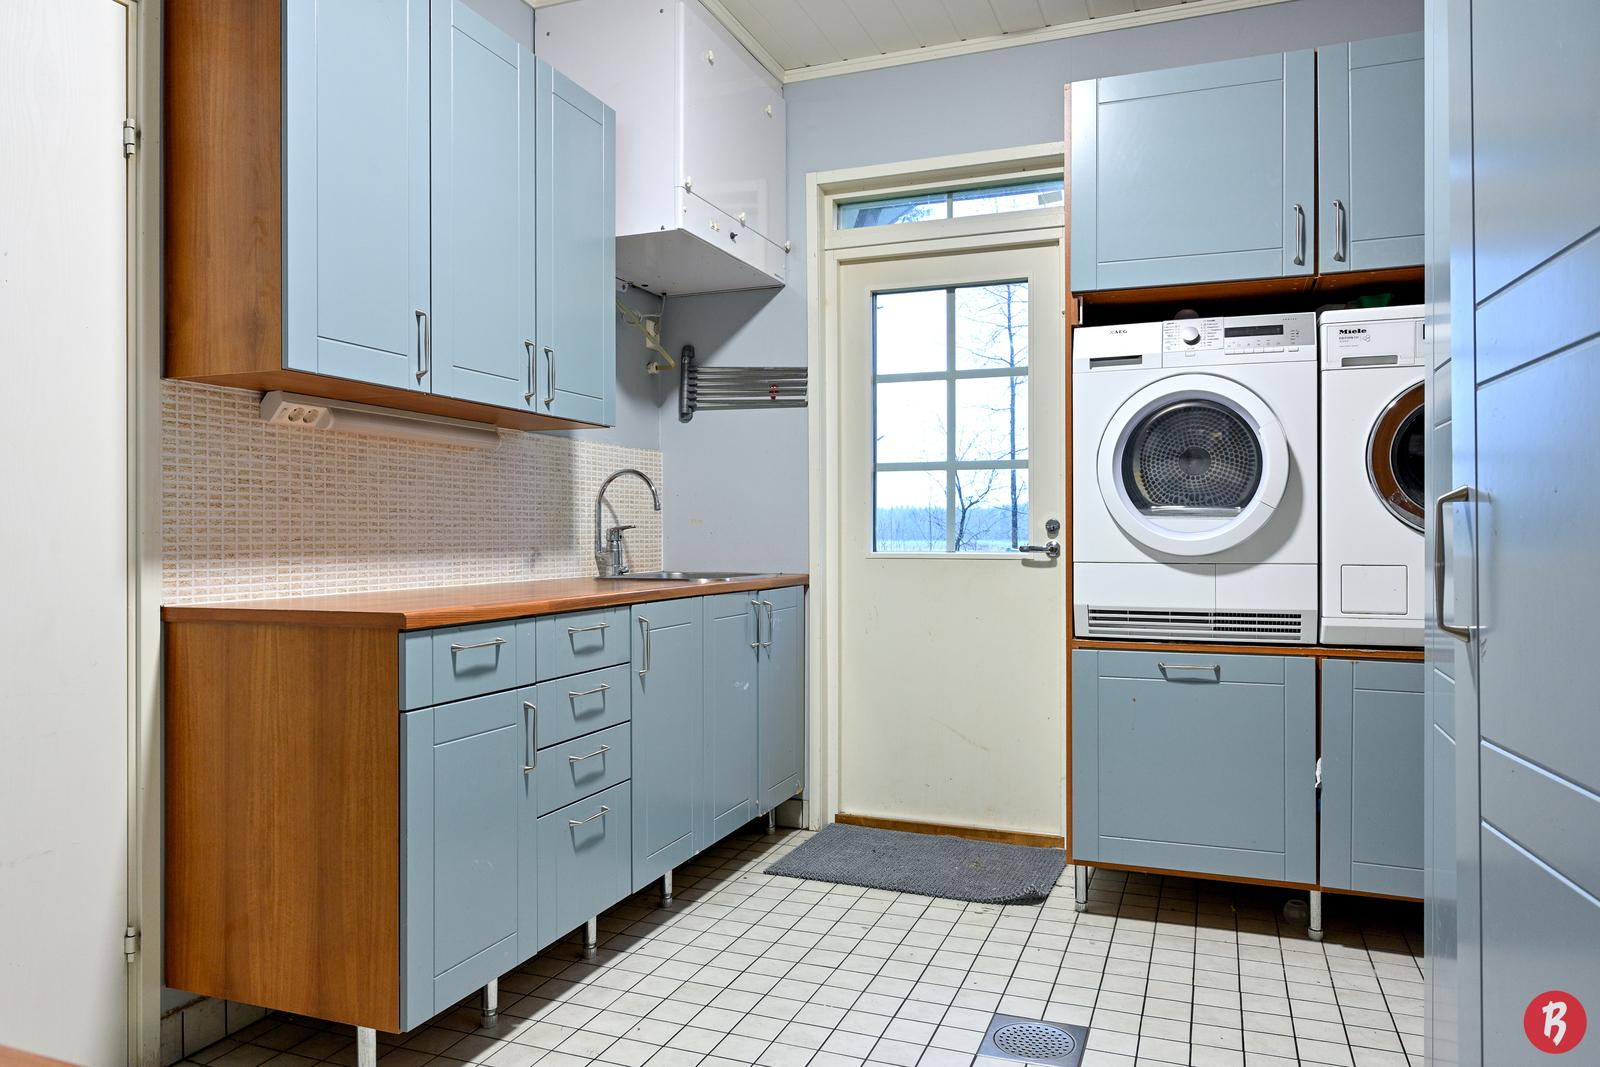 Kodinhoitohuone ja kulku takapihalle, jossa suuri pyykinkuivausteline. Oikealla ovi kuivaushuoneeseen ja vaatehuoneeseen. Vasemmalla ovi pesuhuoneeseen.